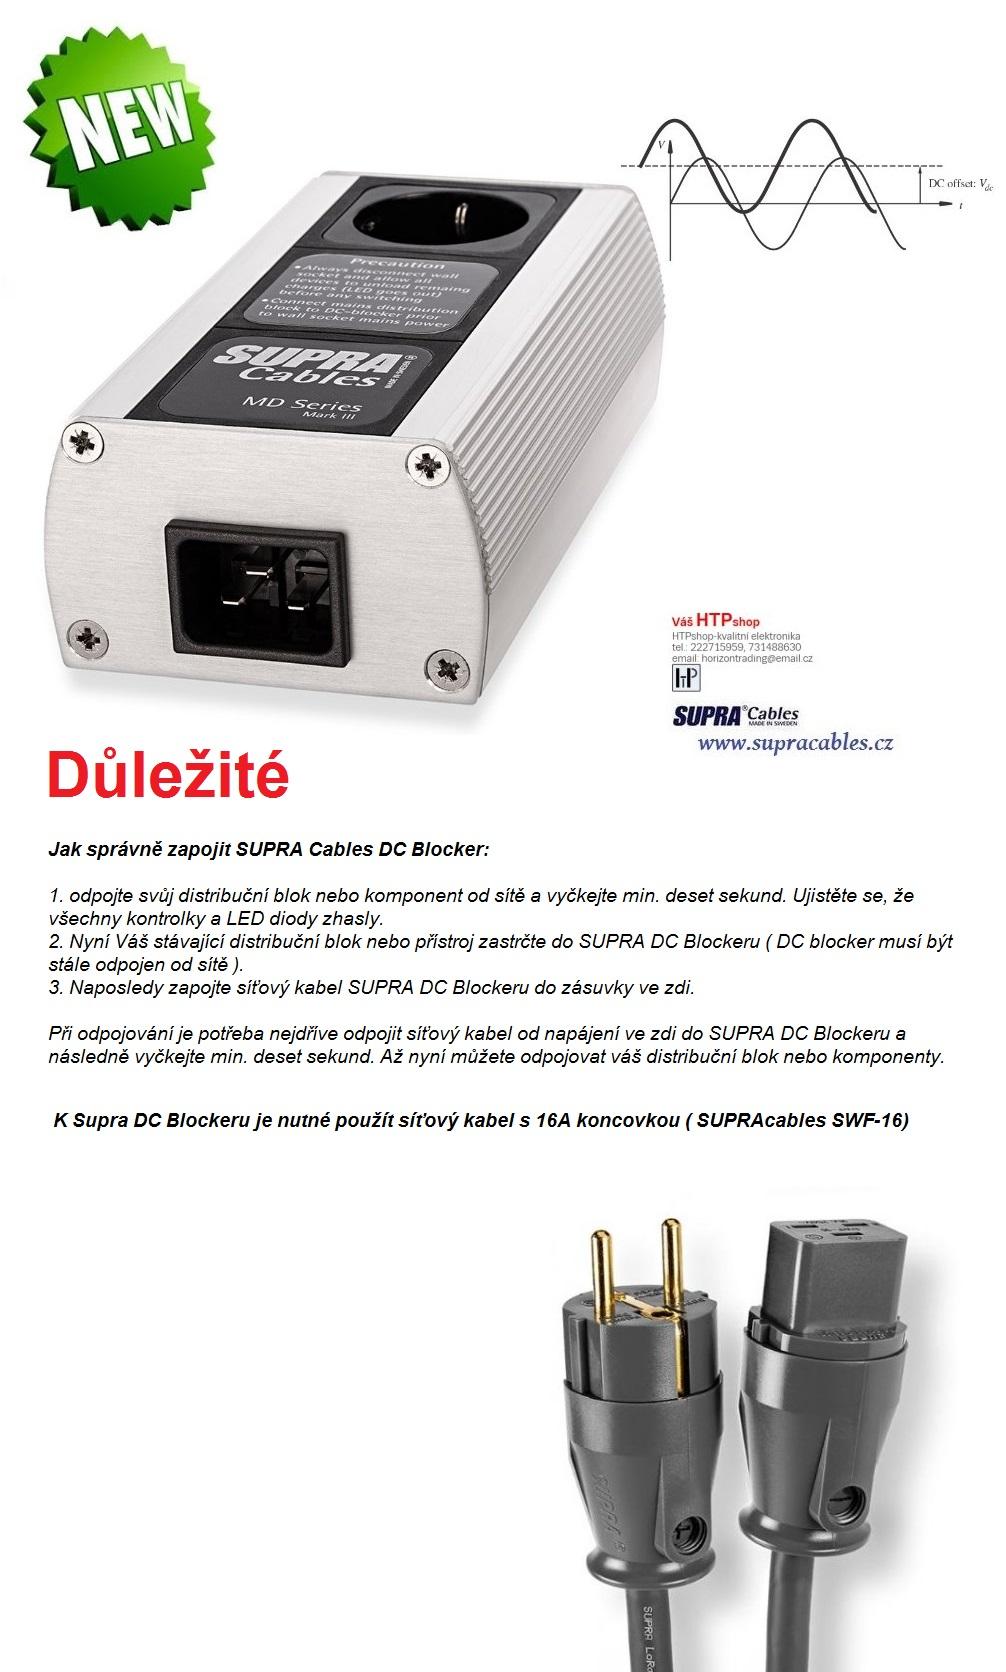 Supra Cables SUPRA LoRad MD01-16-EU DC-Blocker